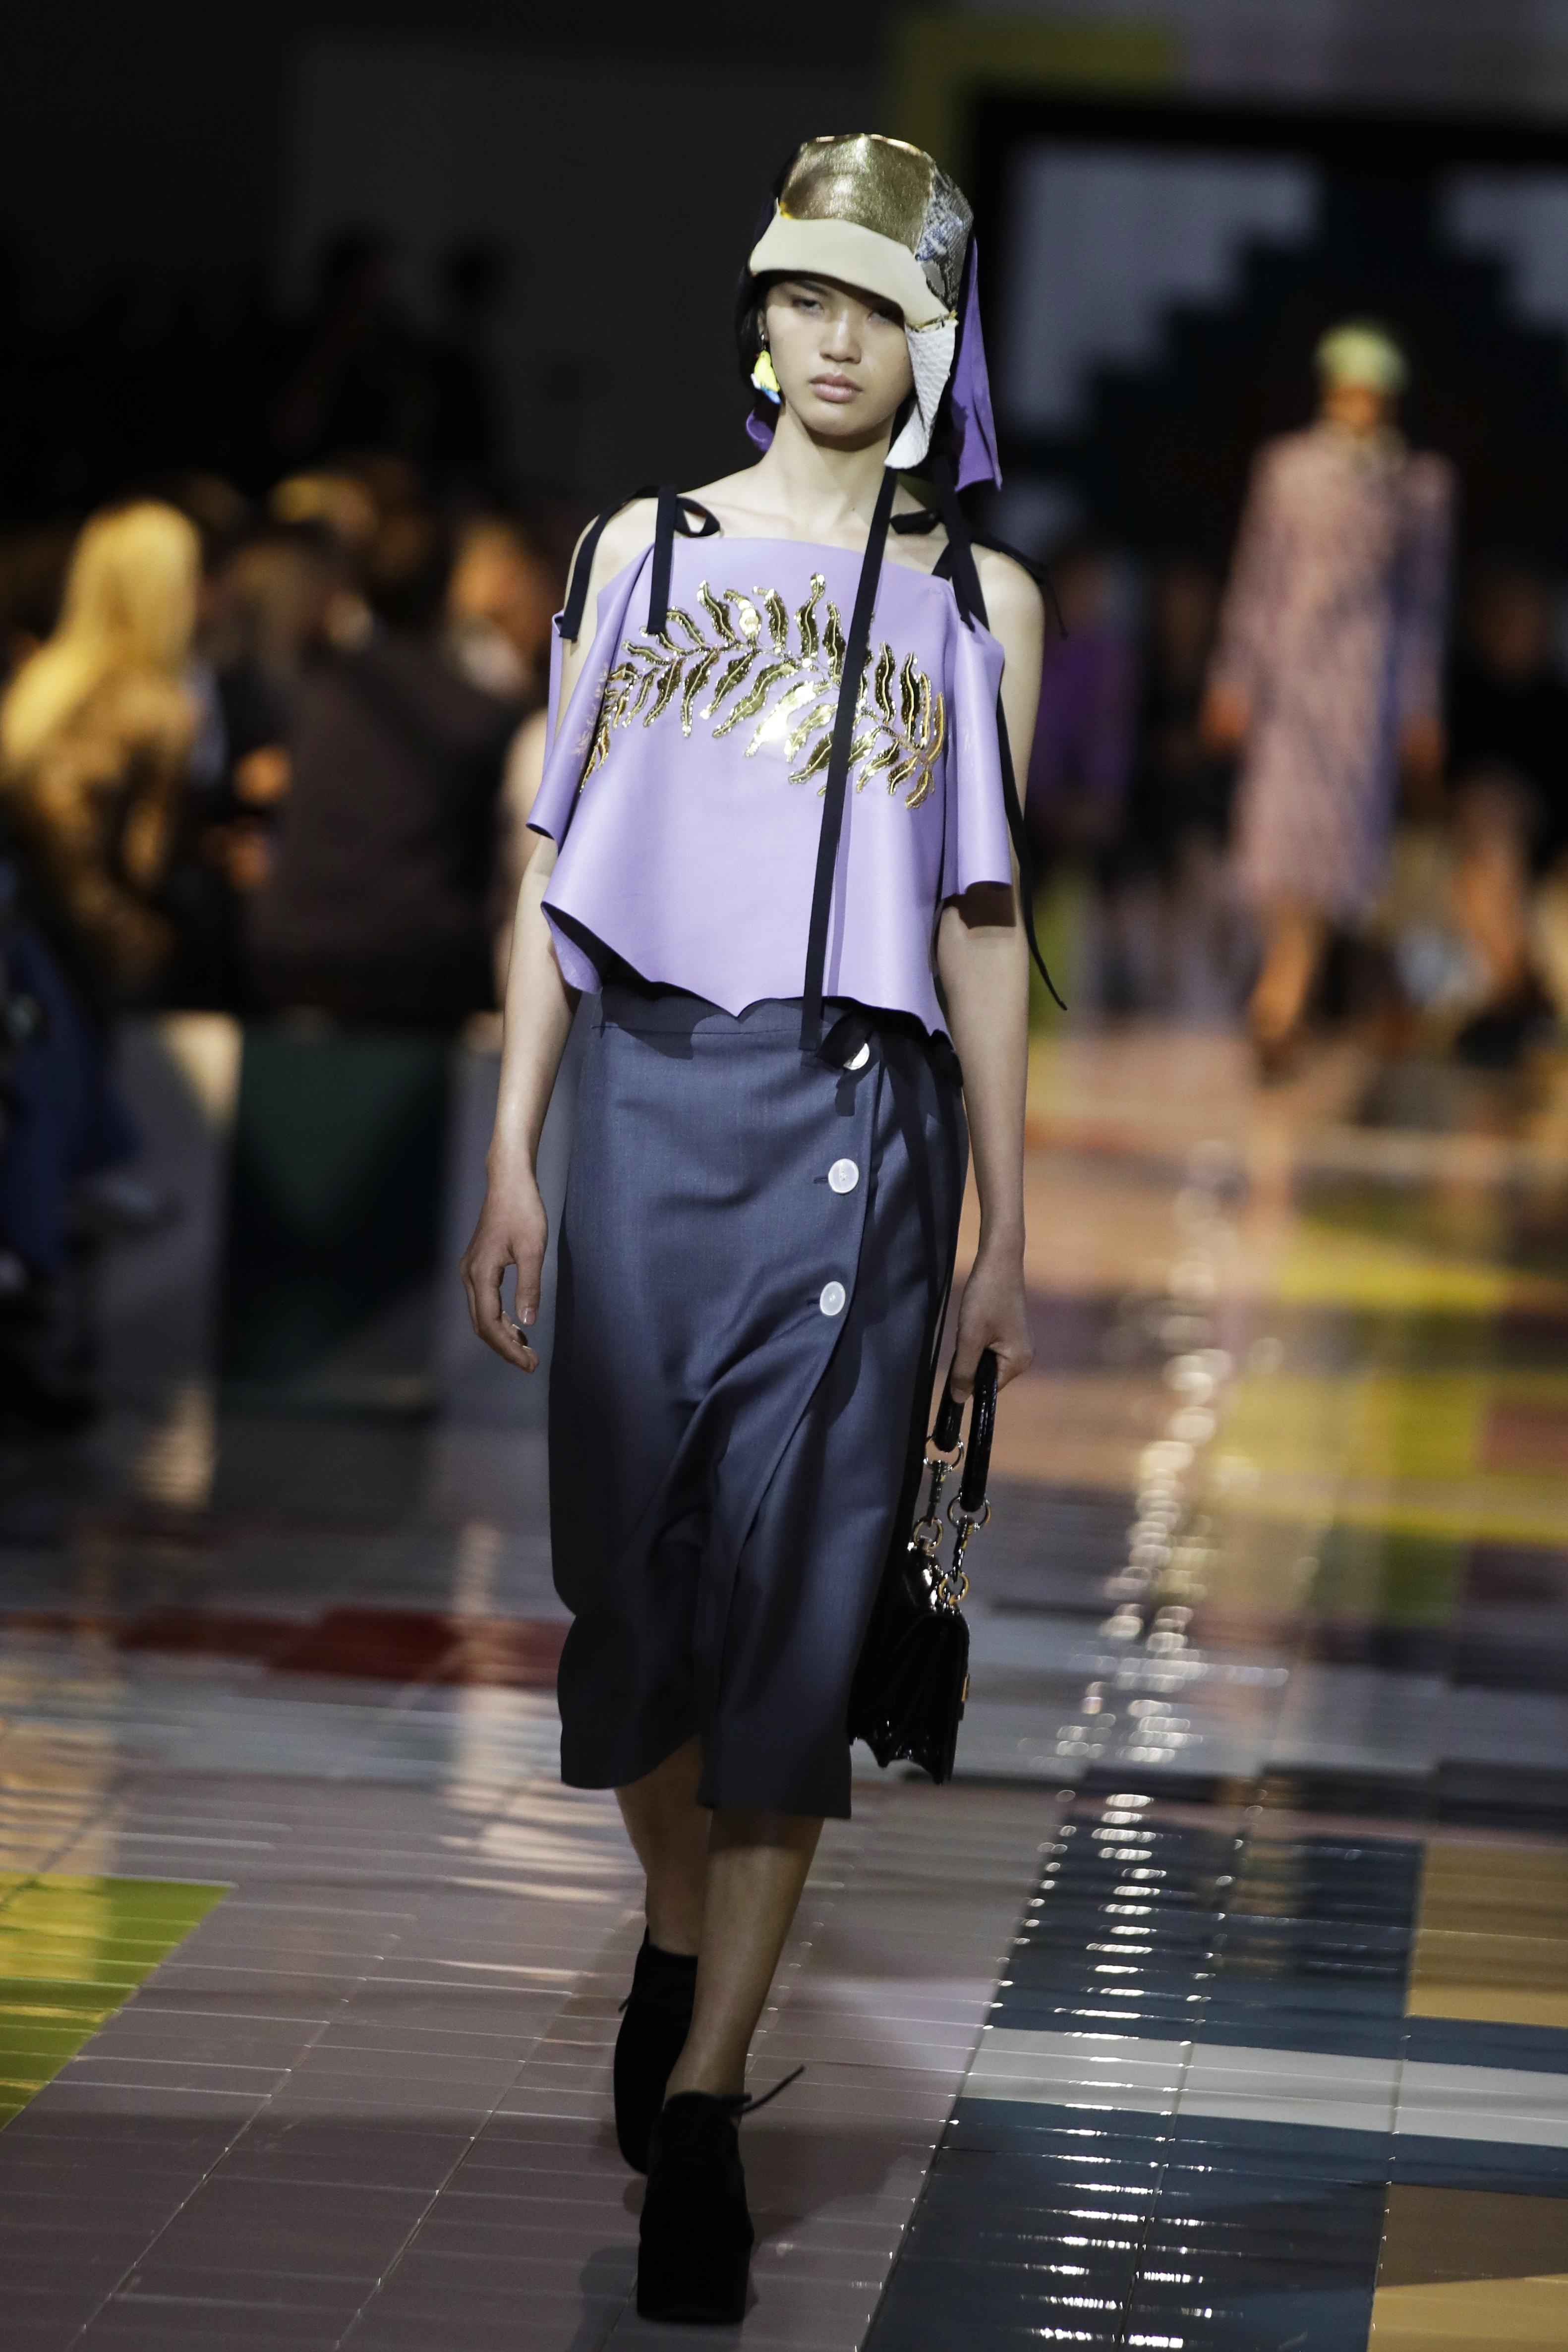 La colección de Prada dio inicio a la Semana de la Moda de Milán. (AP)